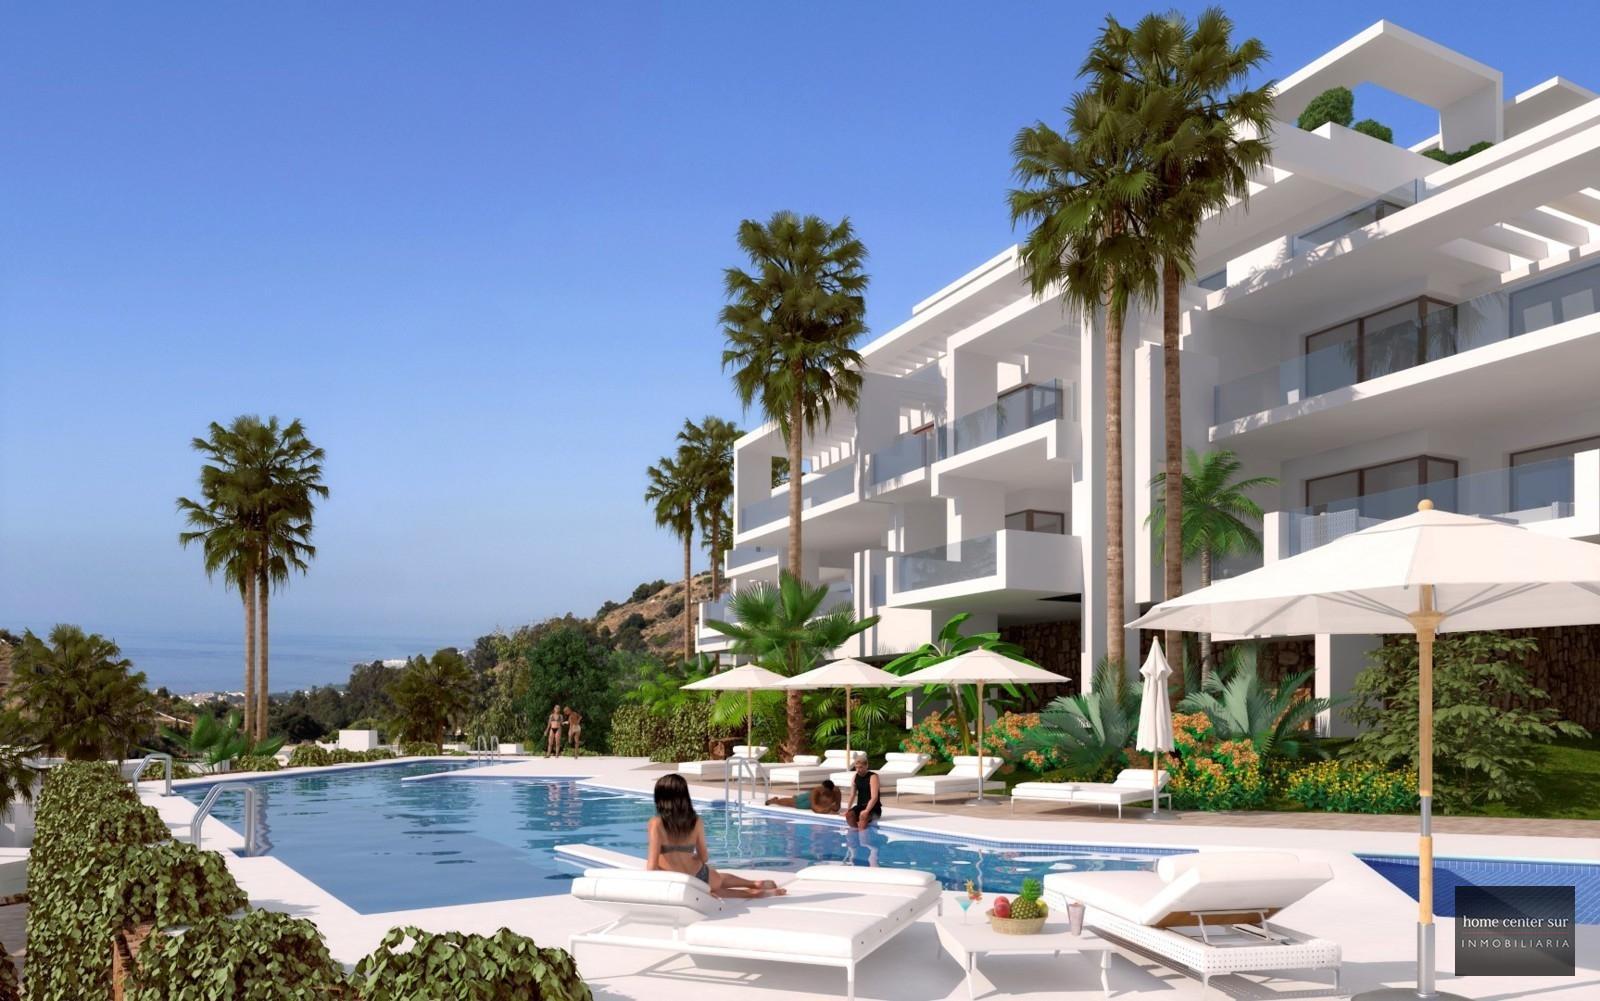 Apartamento venta a estrenar en Elviria Alta (Marbella), 390.000 €